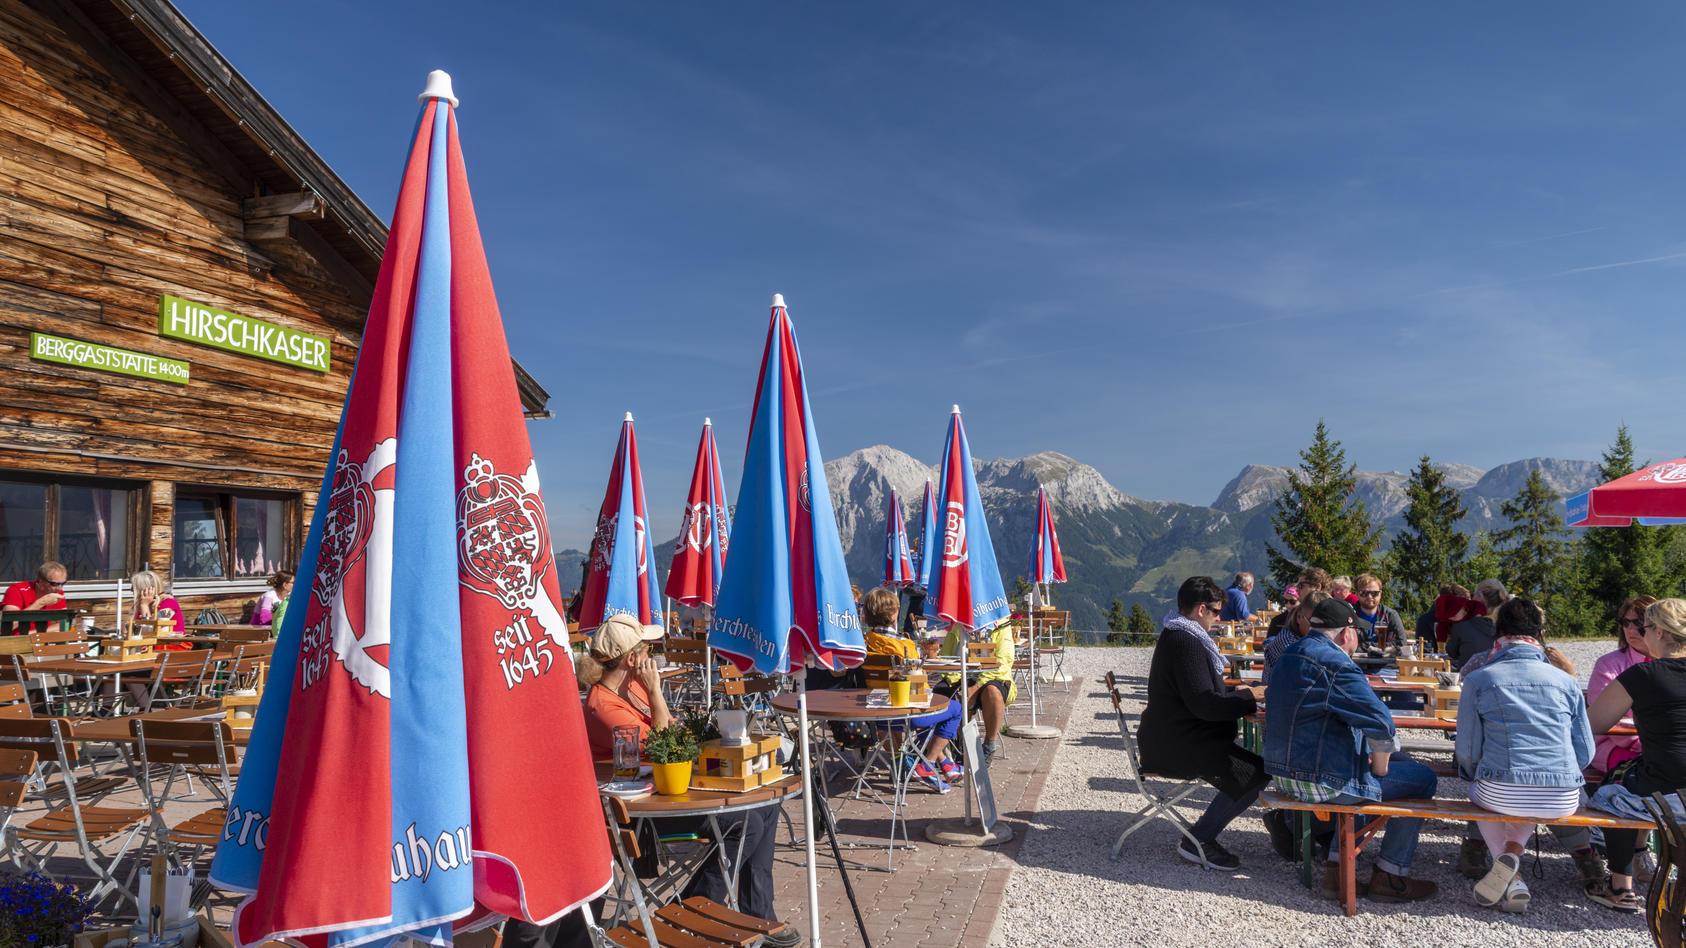 Wer in einer alpinen Hütte nächtigen möchte, muss sich gut vorbereiten. Denn nur wenige haben geöffnet, viele sind schon ausgebucht.